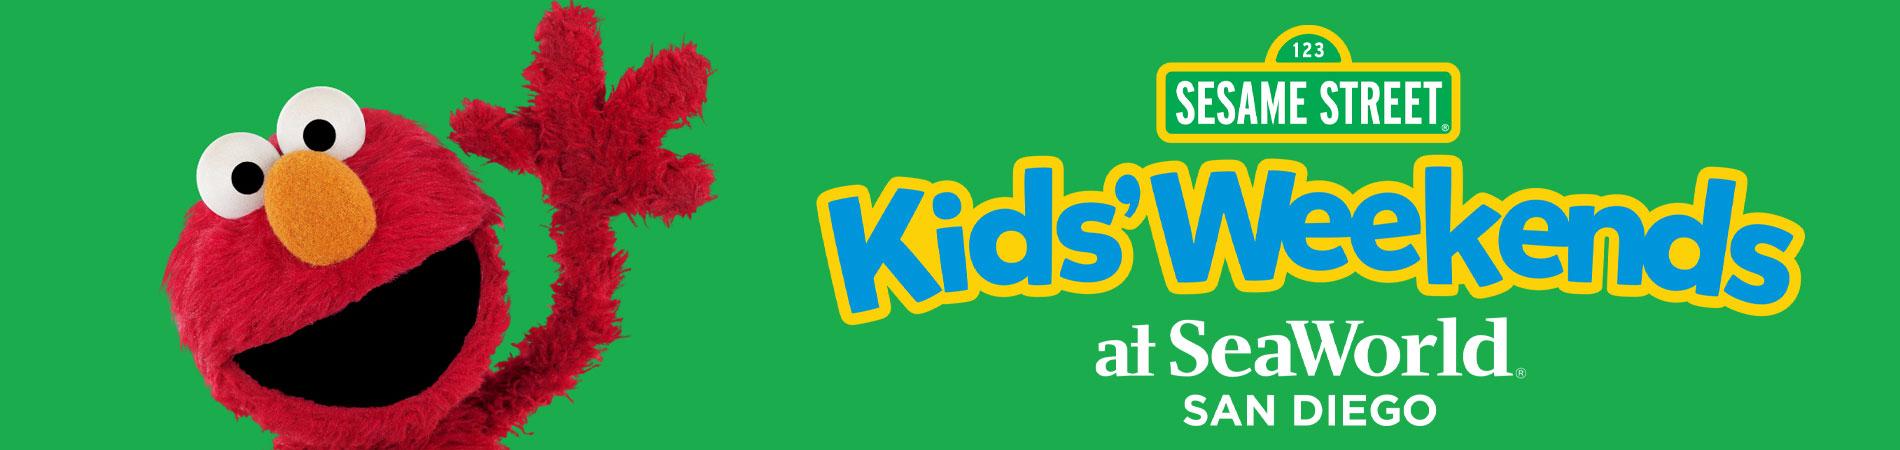 Sesame Street Kids Weekends at SeaWorld San Diego